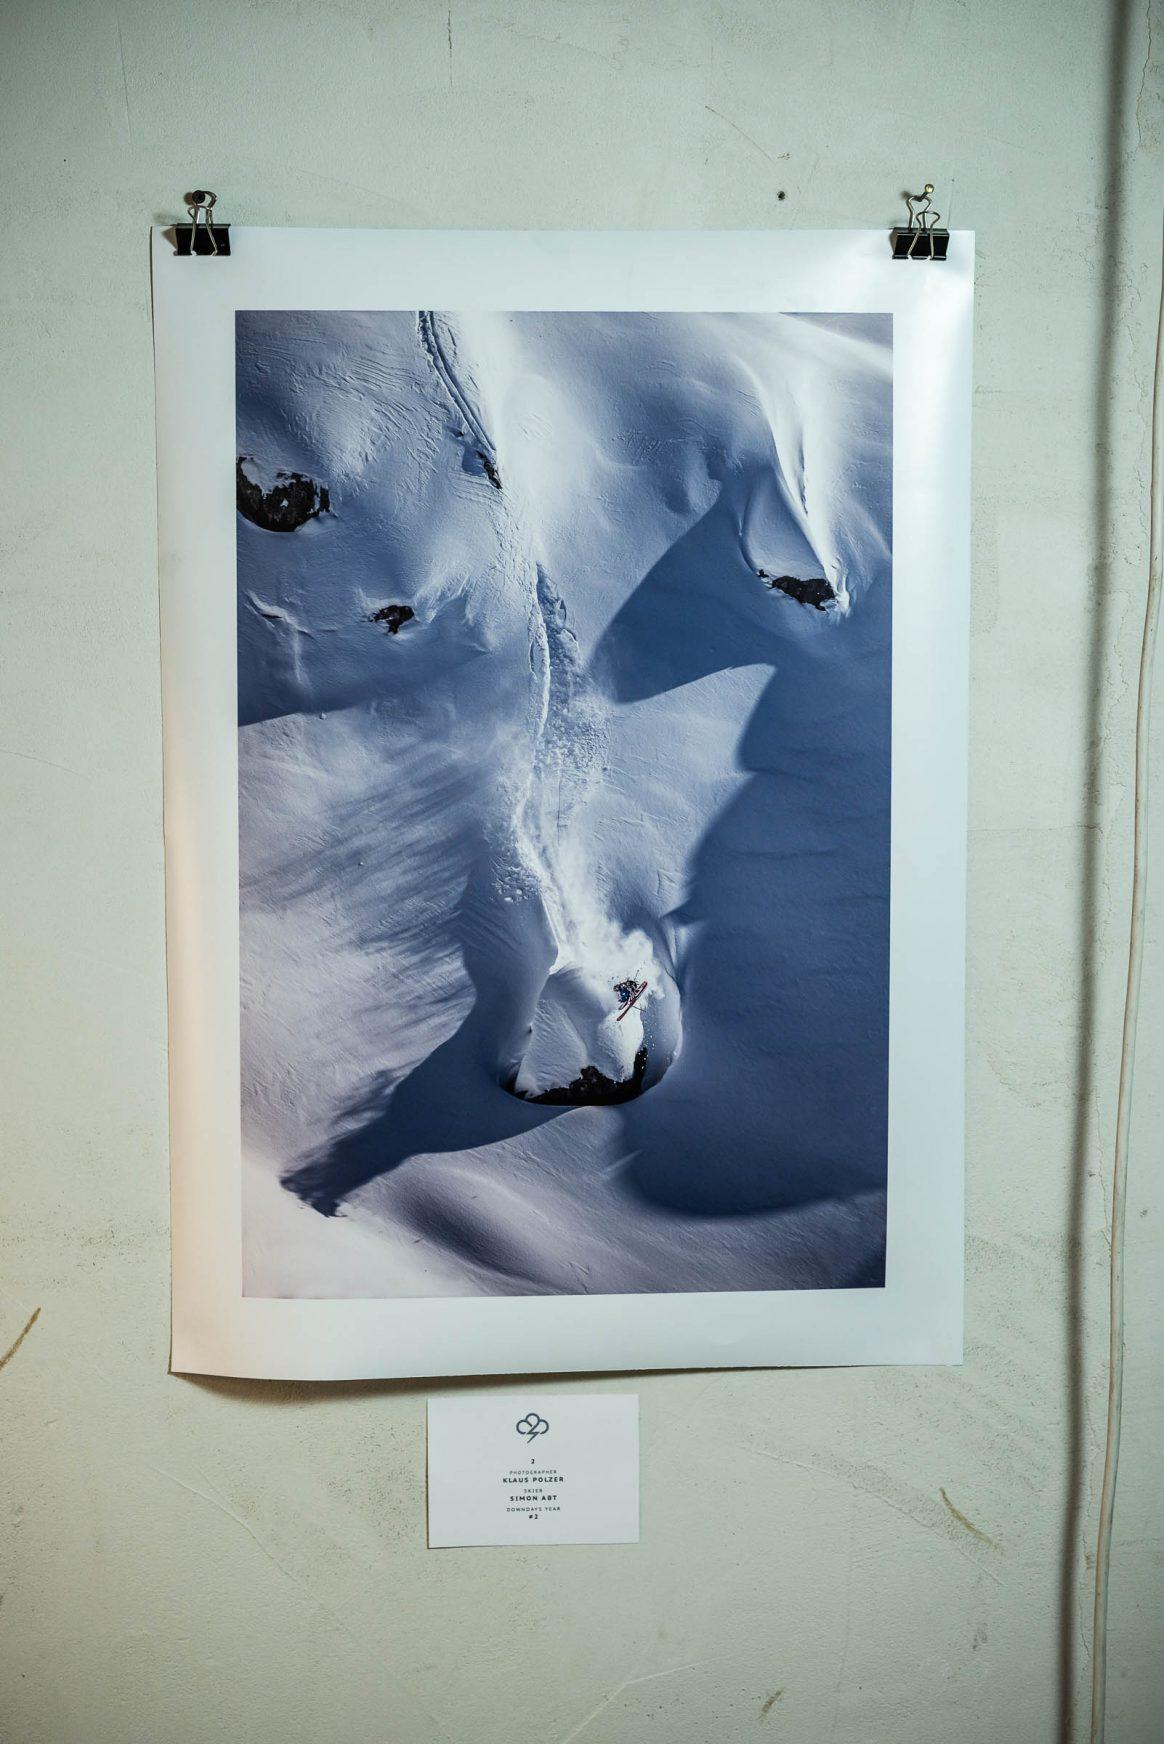 Downdays Photo Exhibition Simon Abt by Klaus Polzer